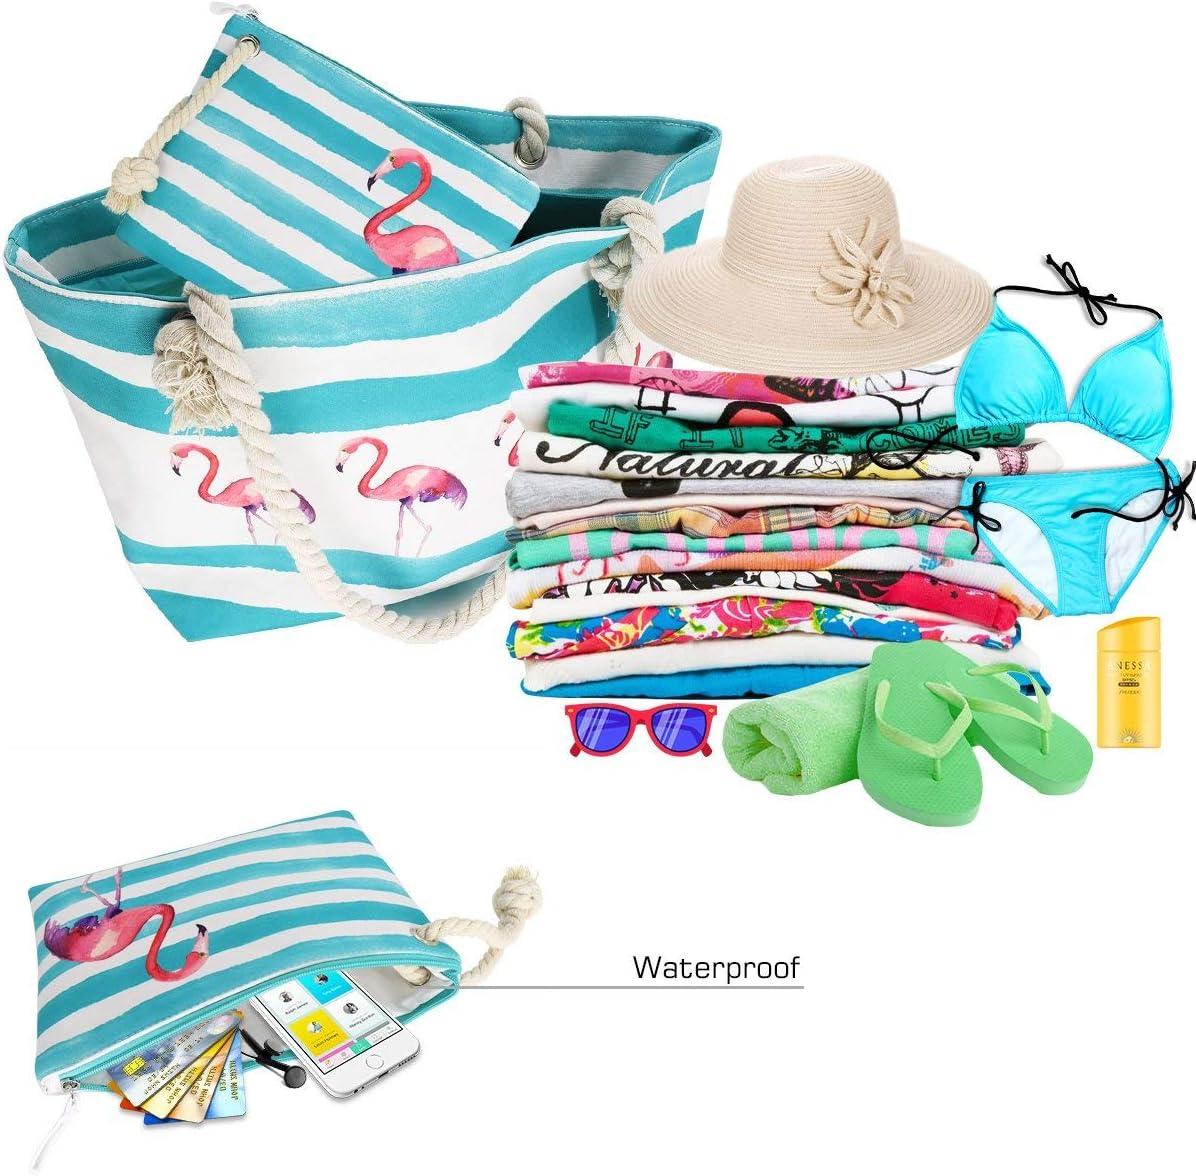 sacs d/épaule en toile demballage de voyage avec fermeture /à glissi/ère FARI Grand sac de plage Ananas